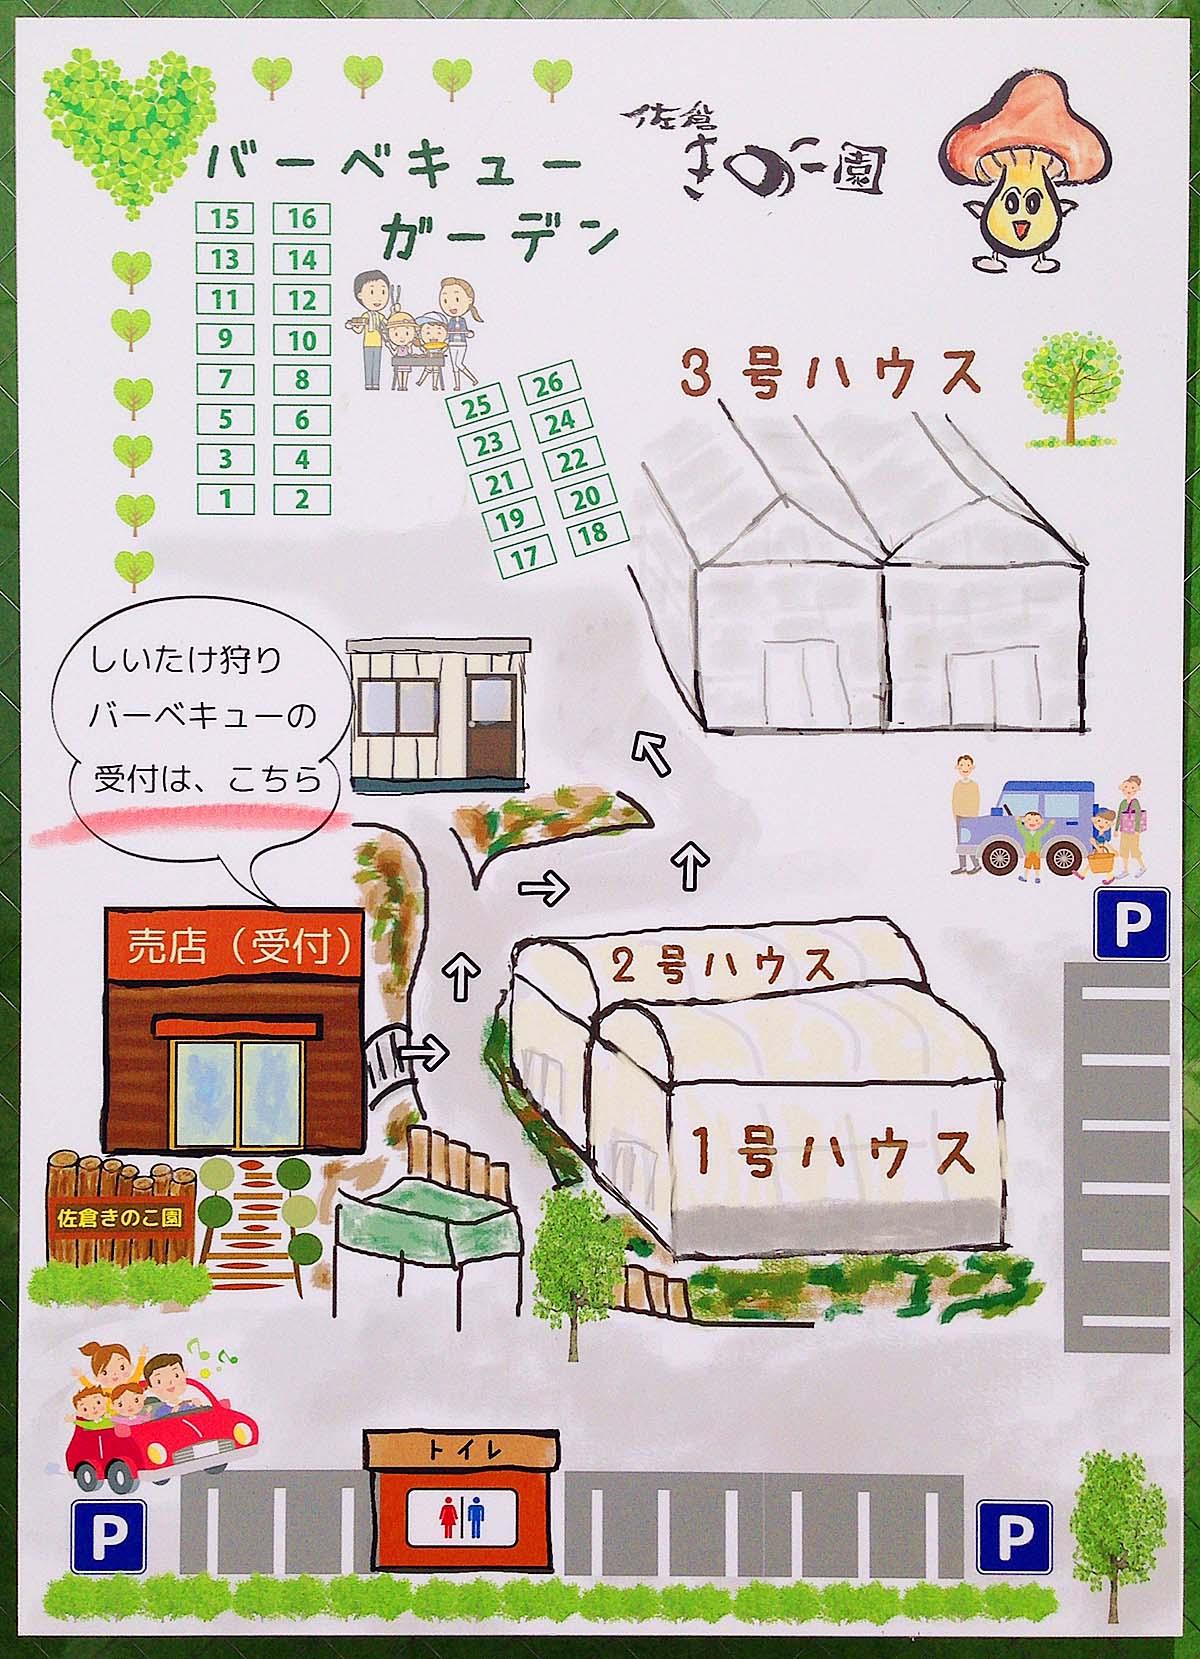 ジャンボしいたけ狩りが楽しめる千葉「佐倉きのこ園」の案内図